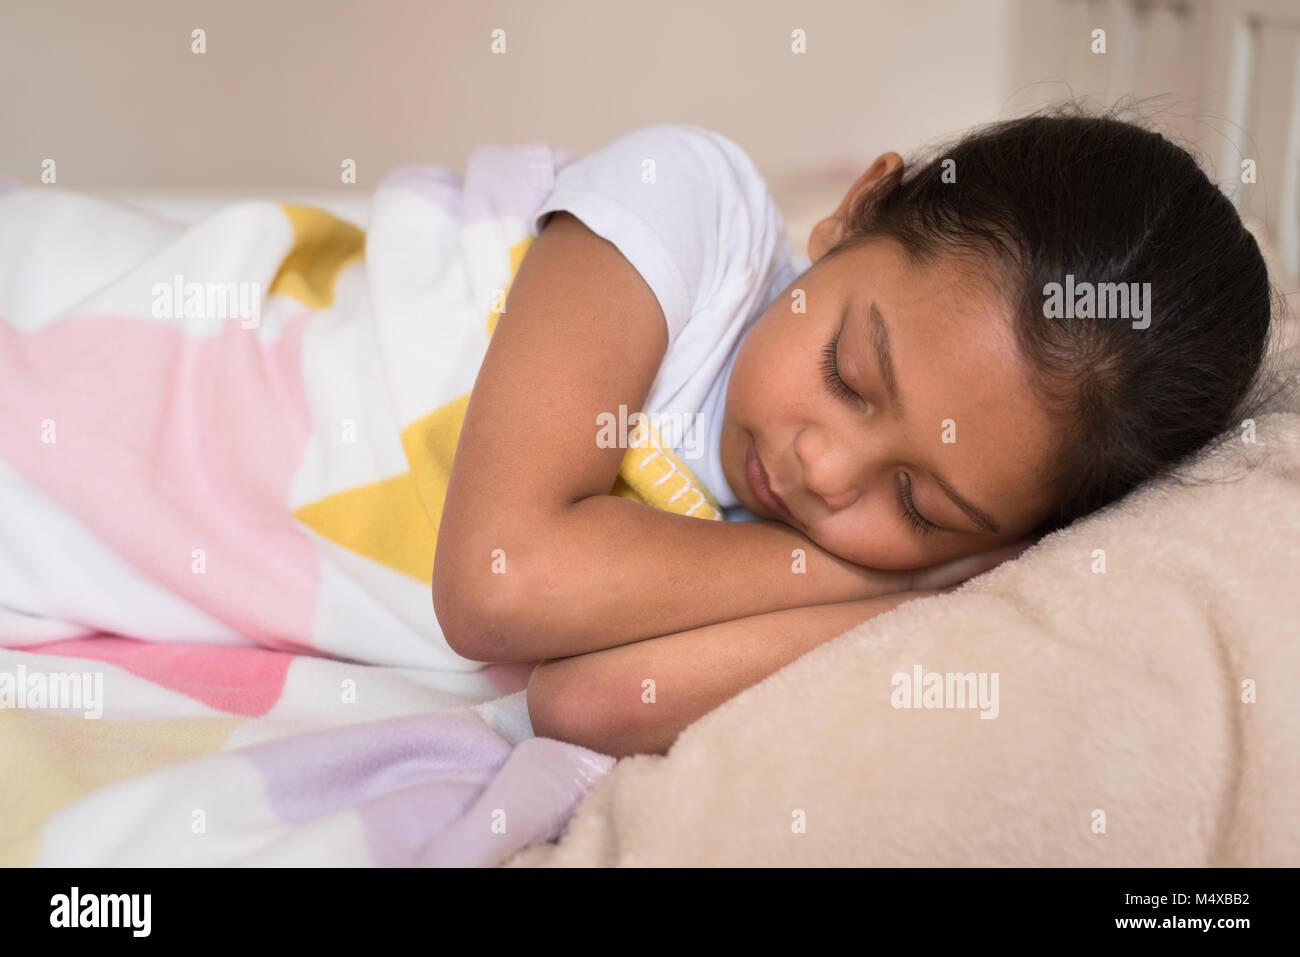 Jungen kleinen asiatischen Mädchen schlafen liegend auf Bett in ihrem Schlafzimmer. Schlaf Konzept Stockbild